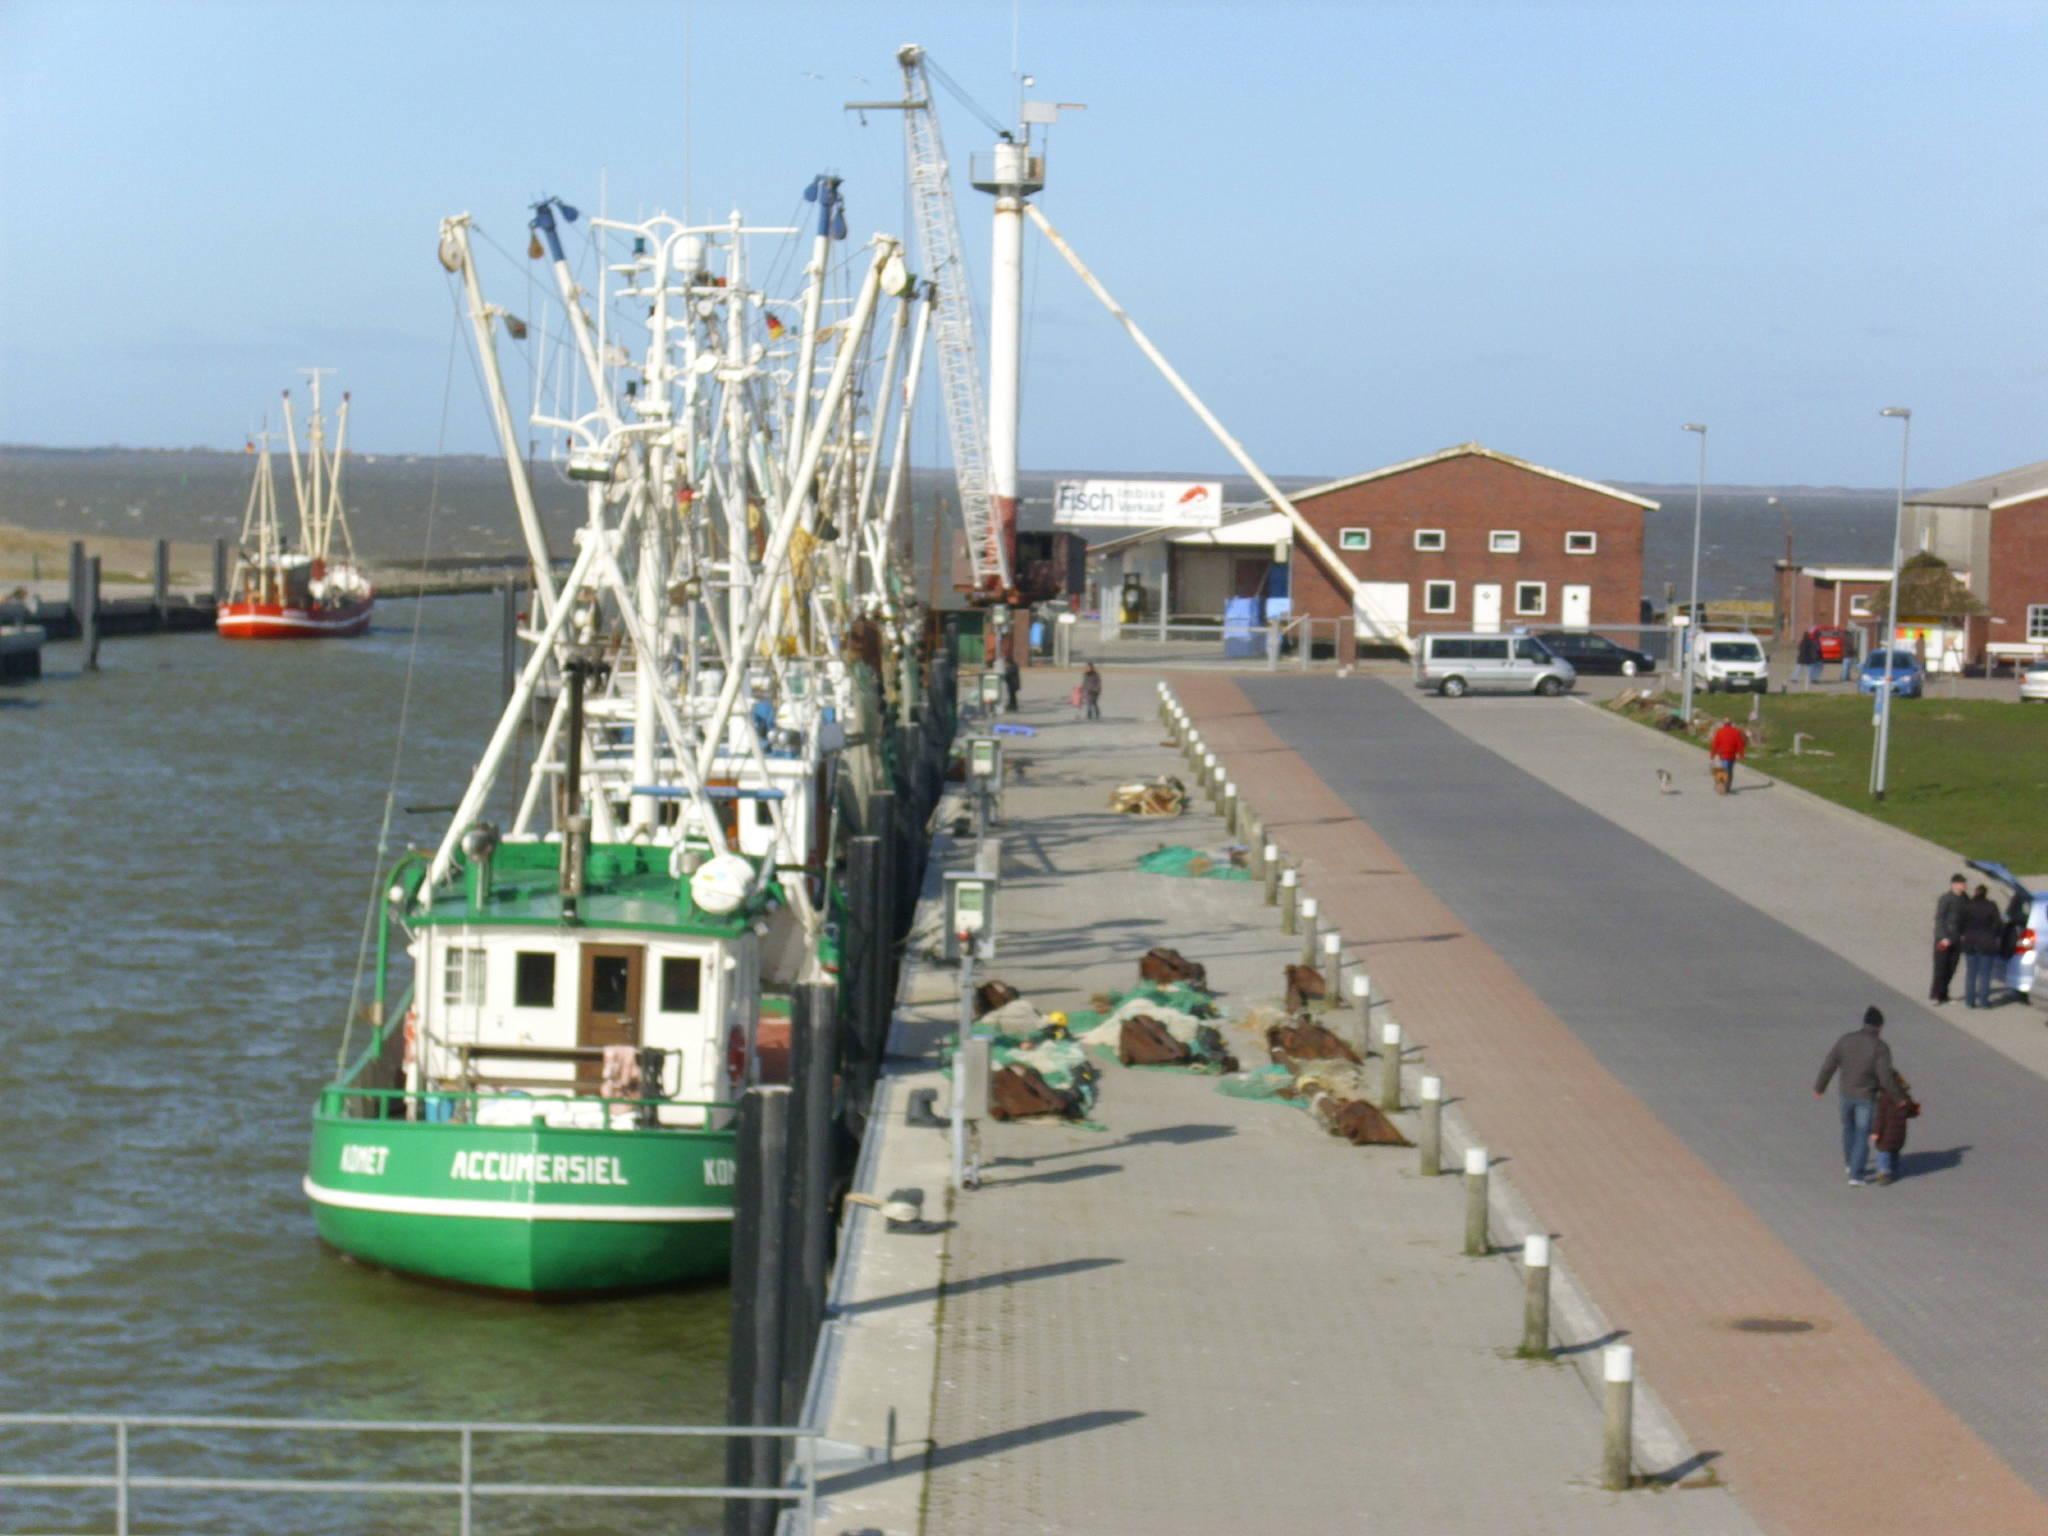 Fischereihafen Dornumersiel/Accumersiel